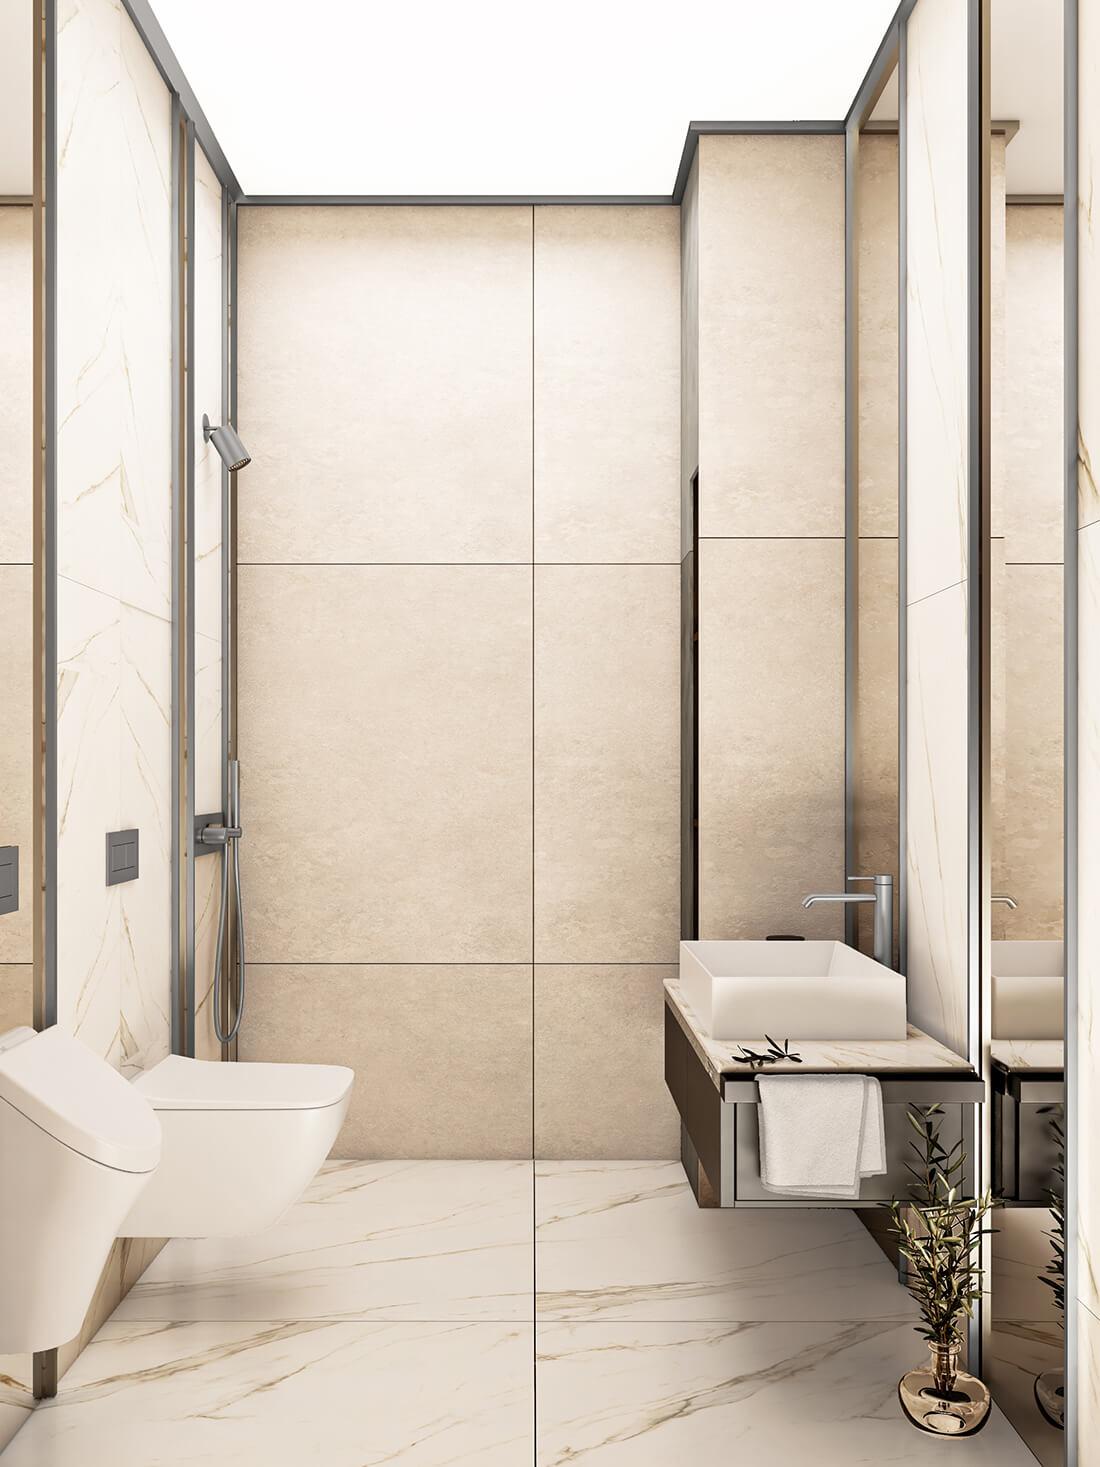 interioren dizain proekt na toaletna